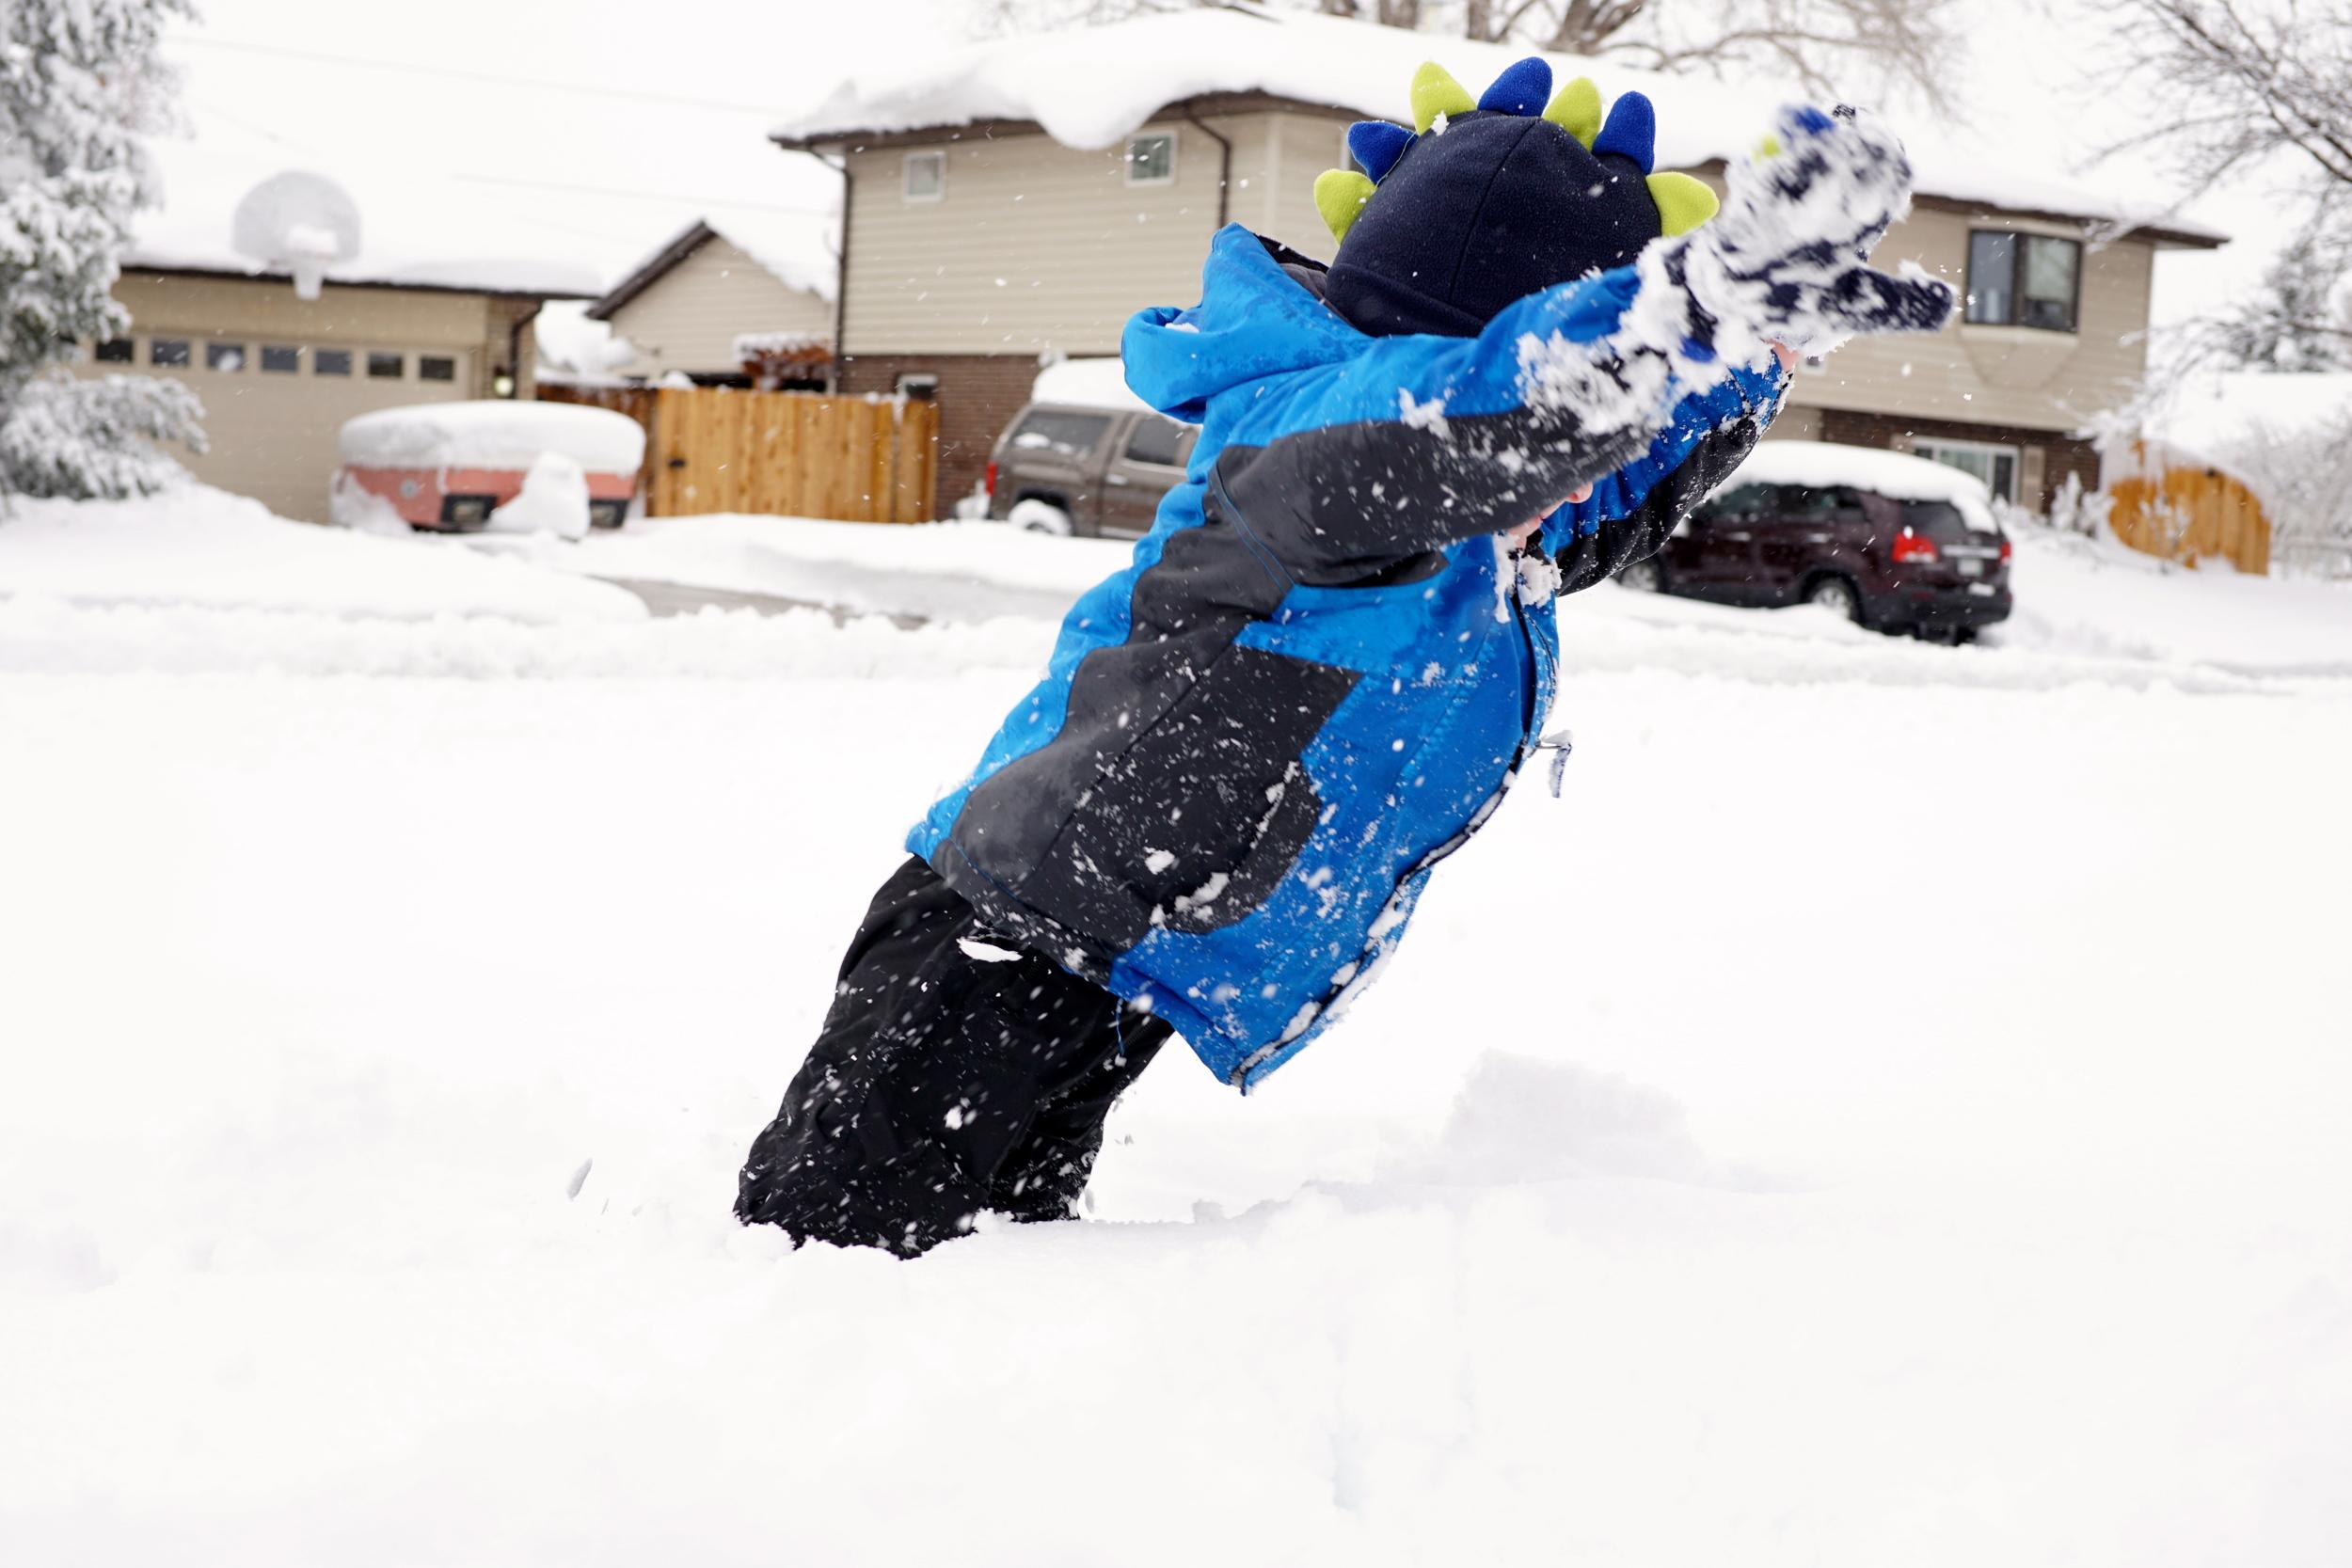 Porpoising through the snow.